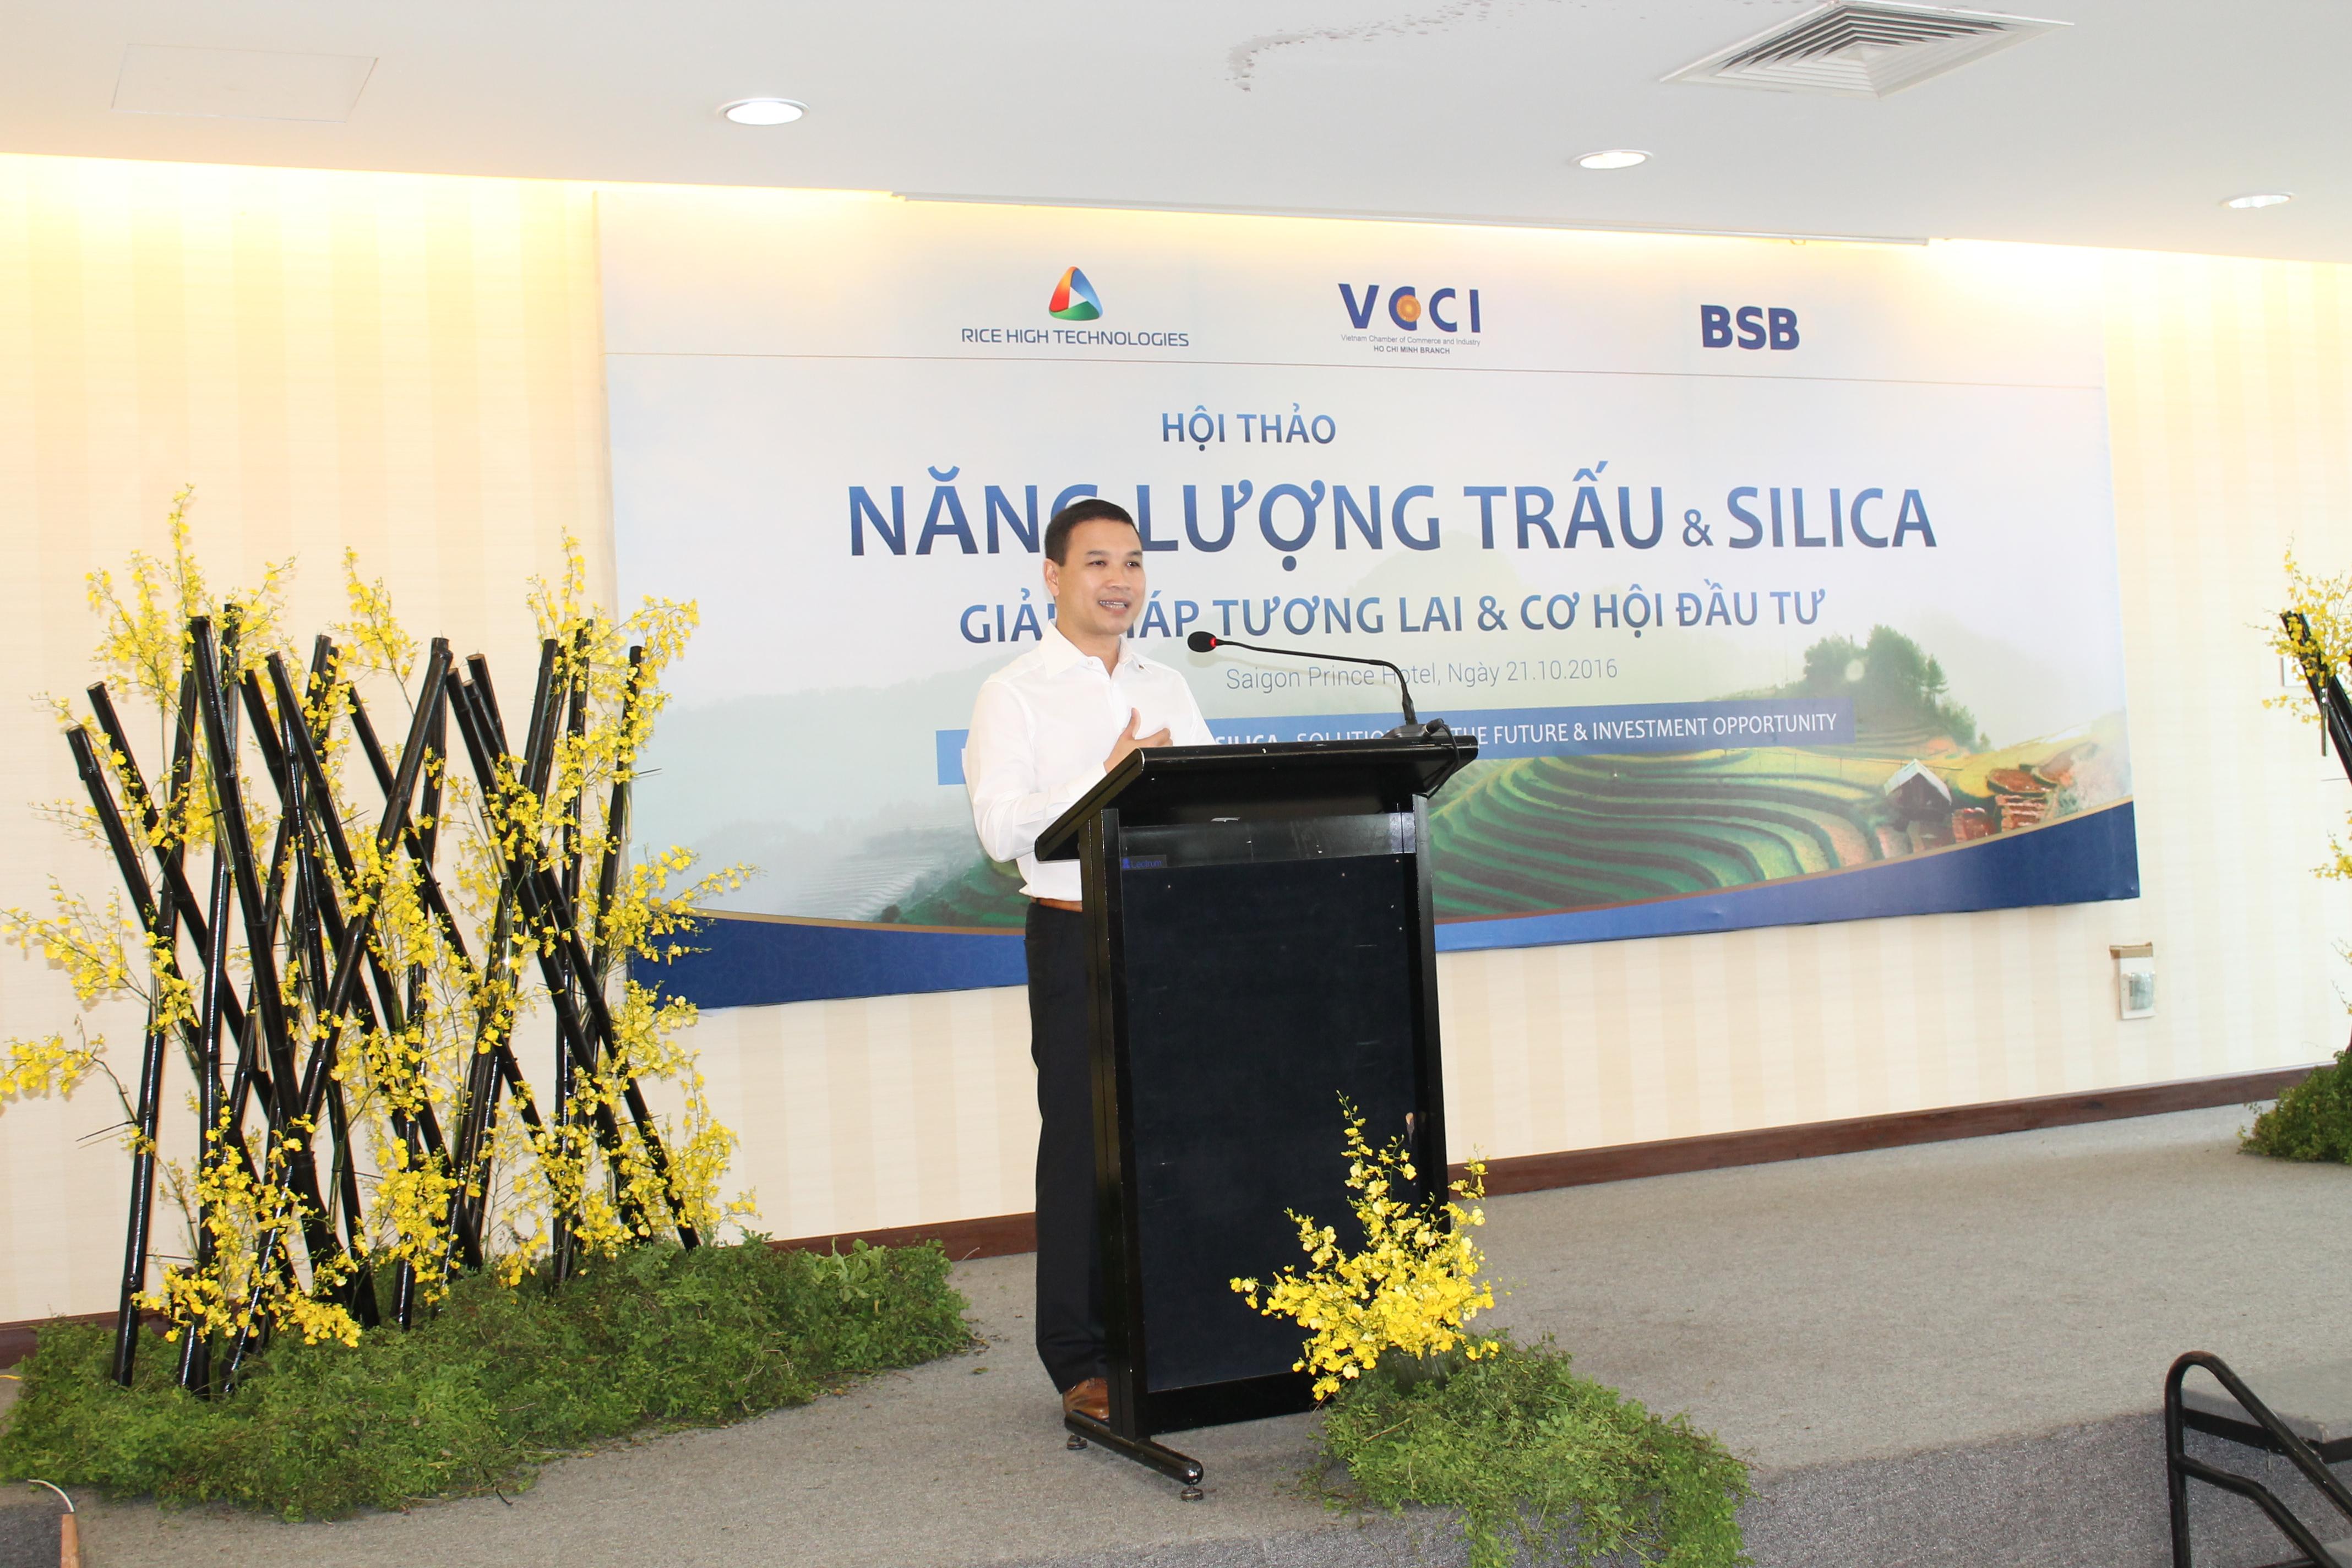 Nguyễn Việt Hùng